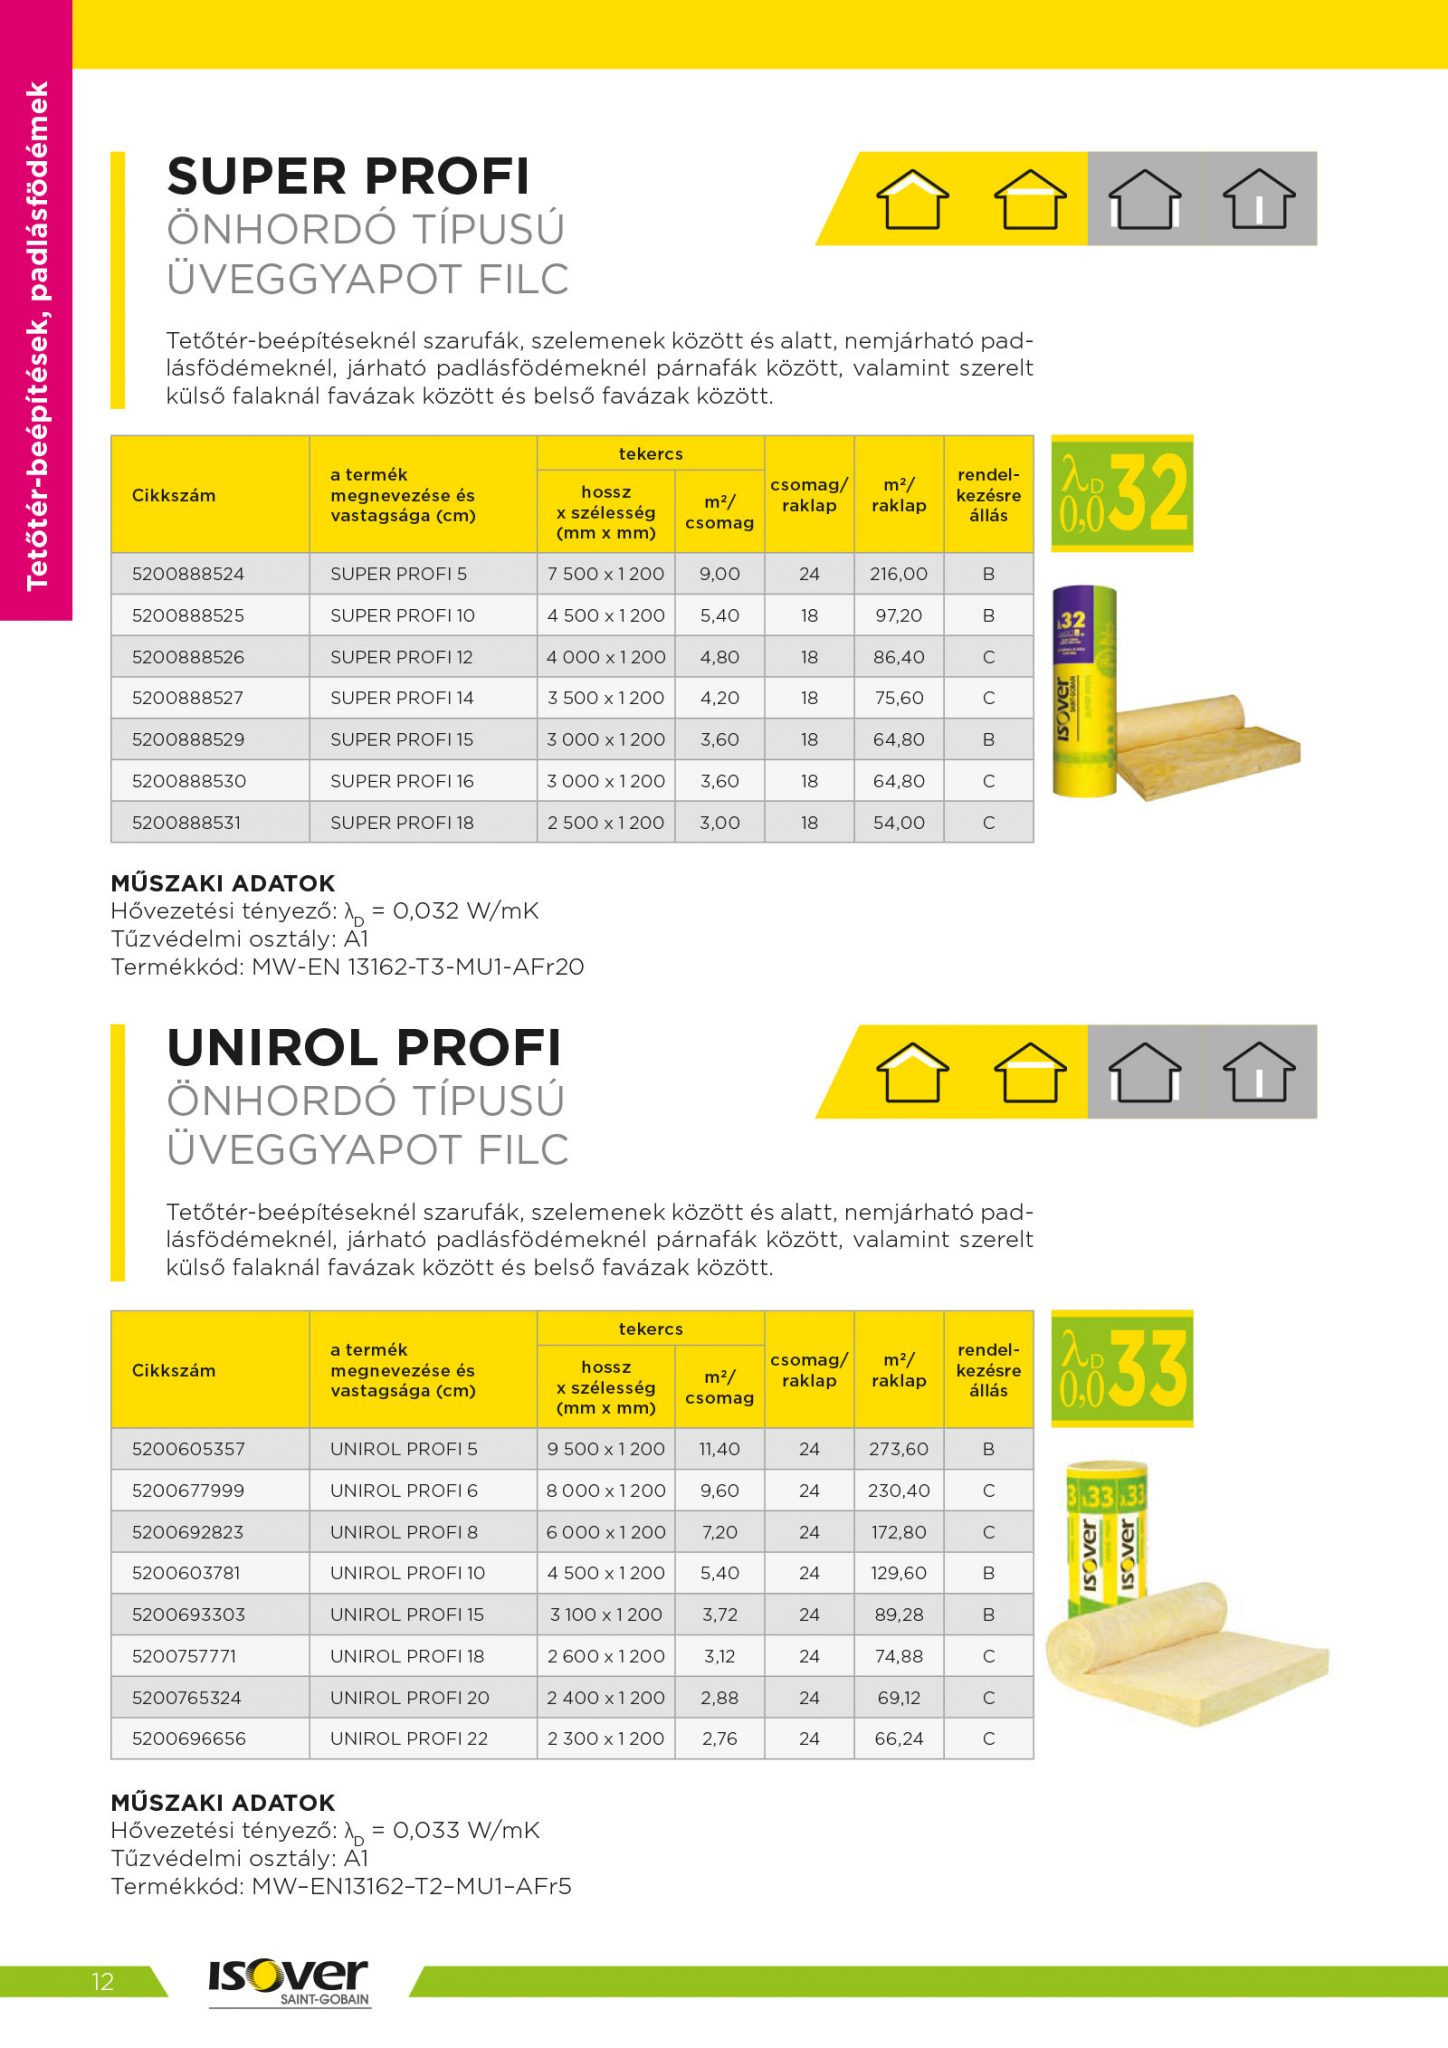 Isover árak 2021 / 12 oldal